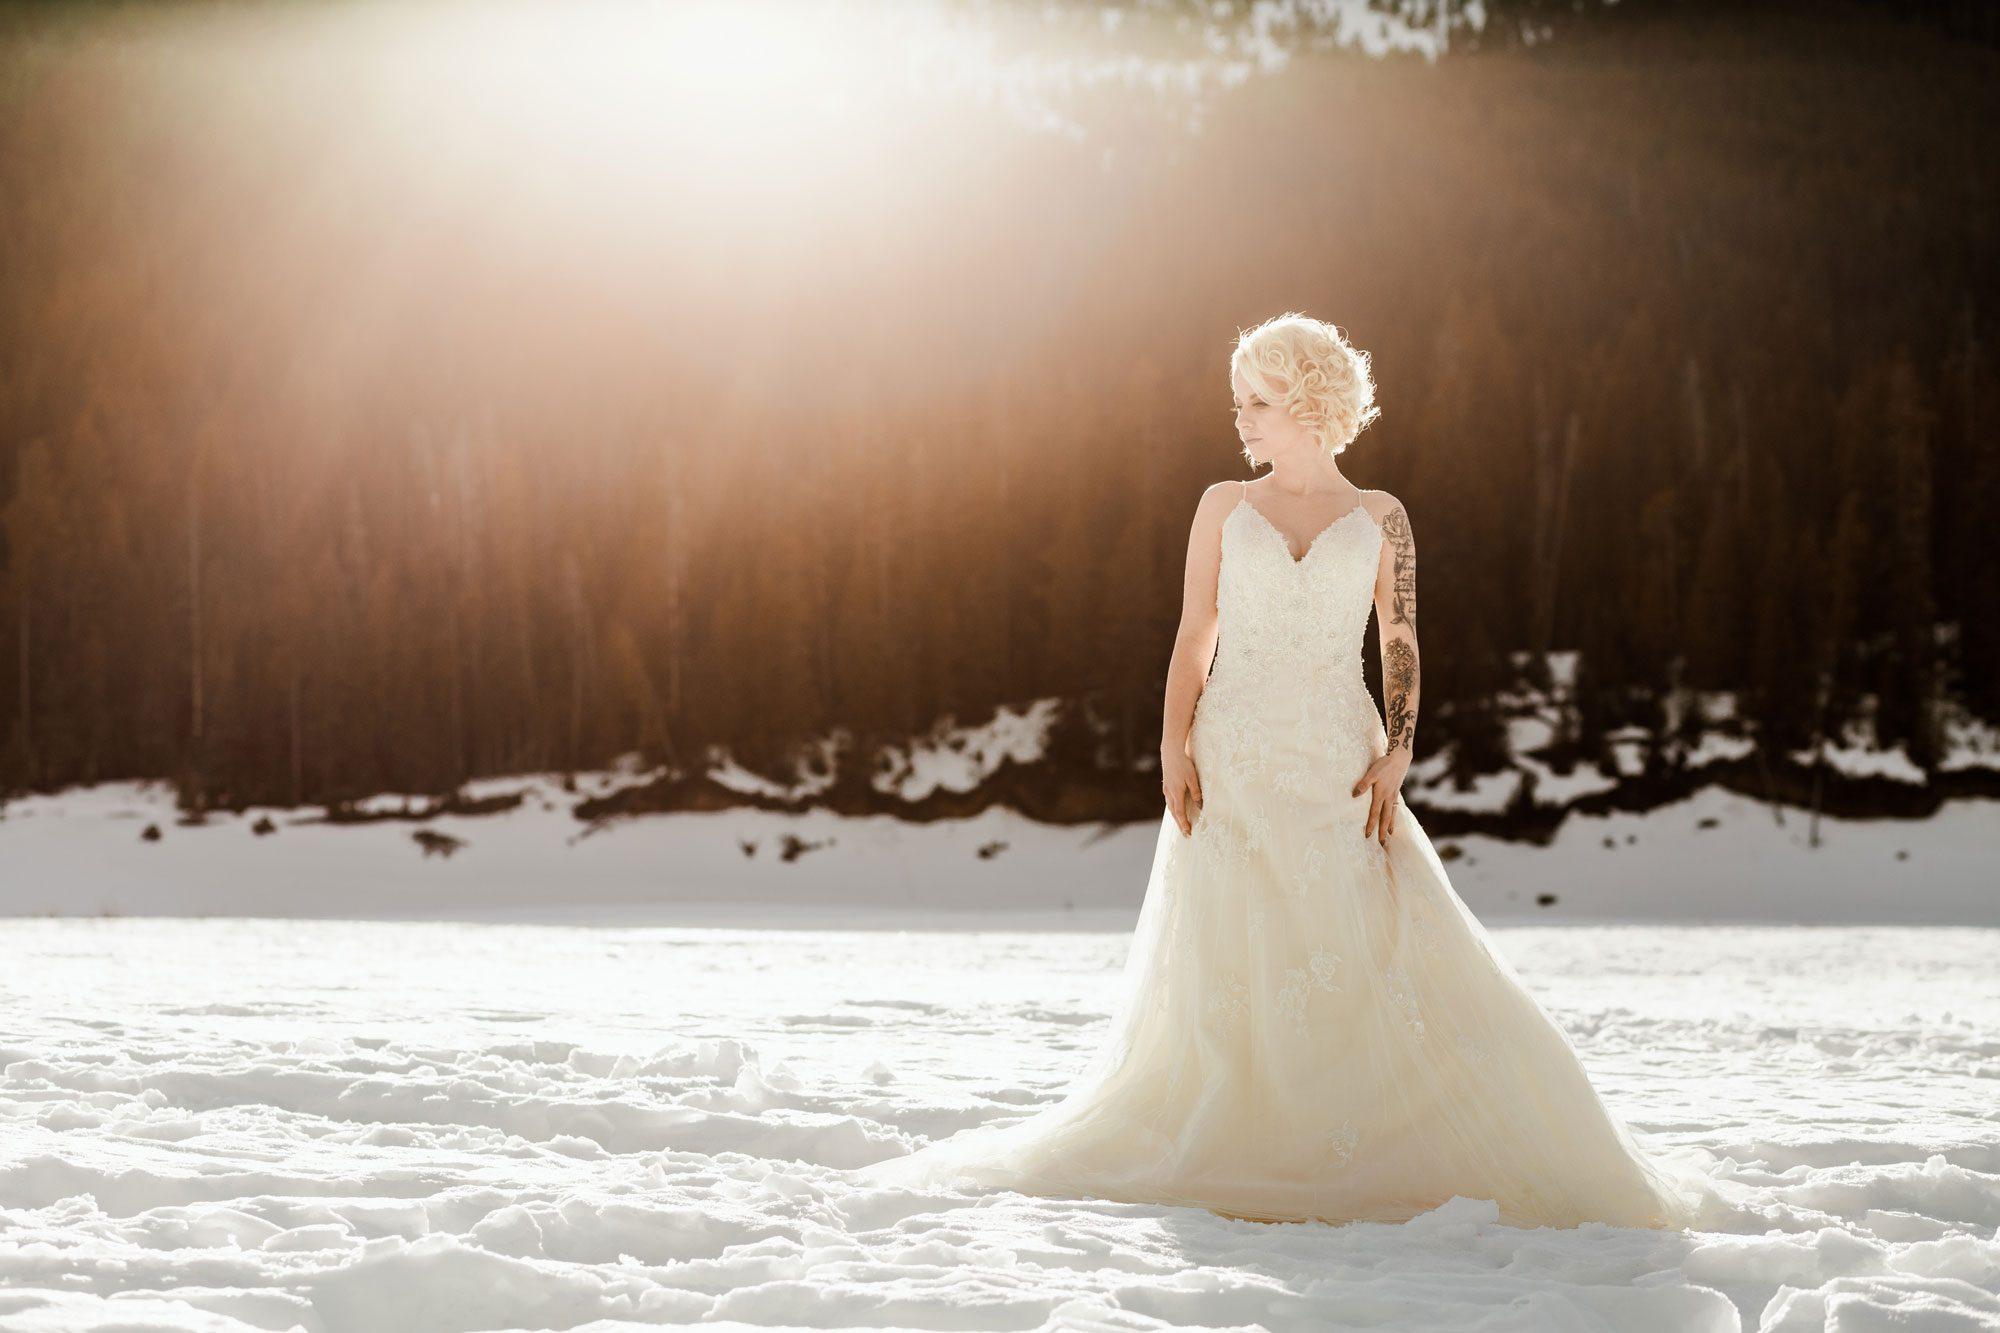 Bride - A Winter Wedding Shoot in Montana